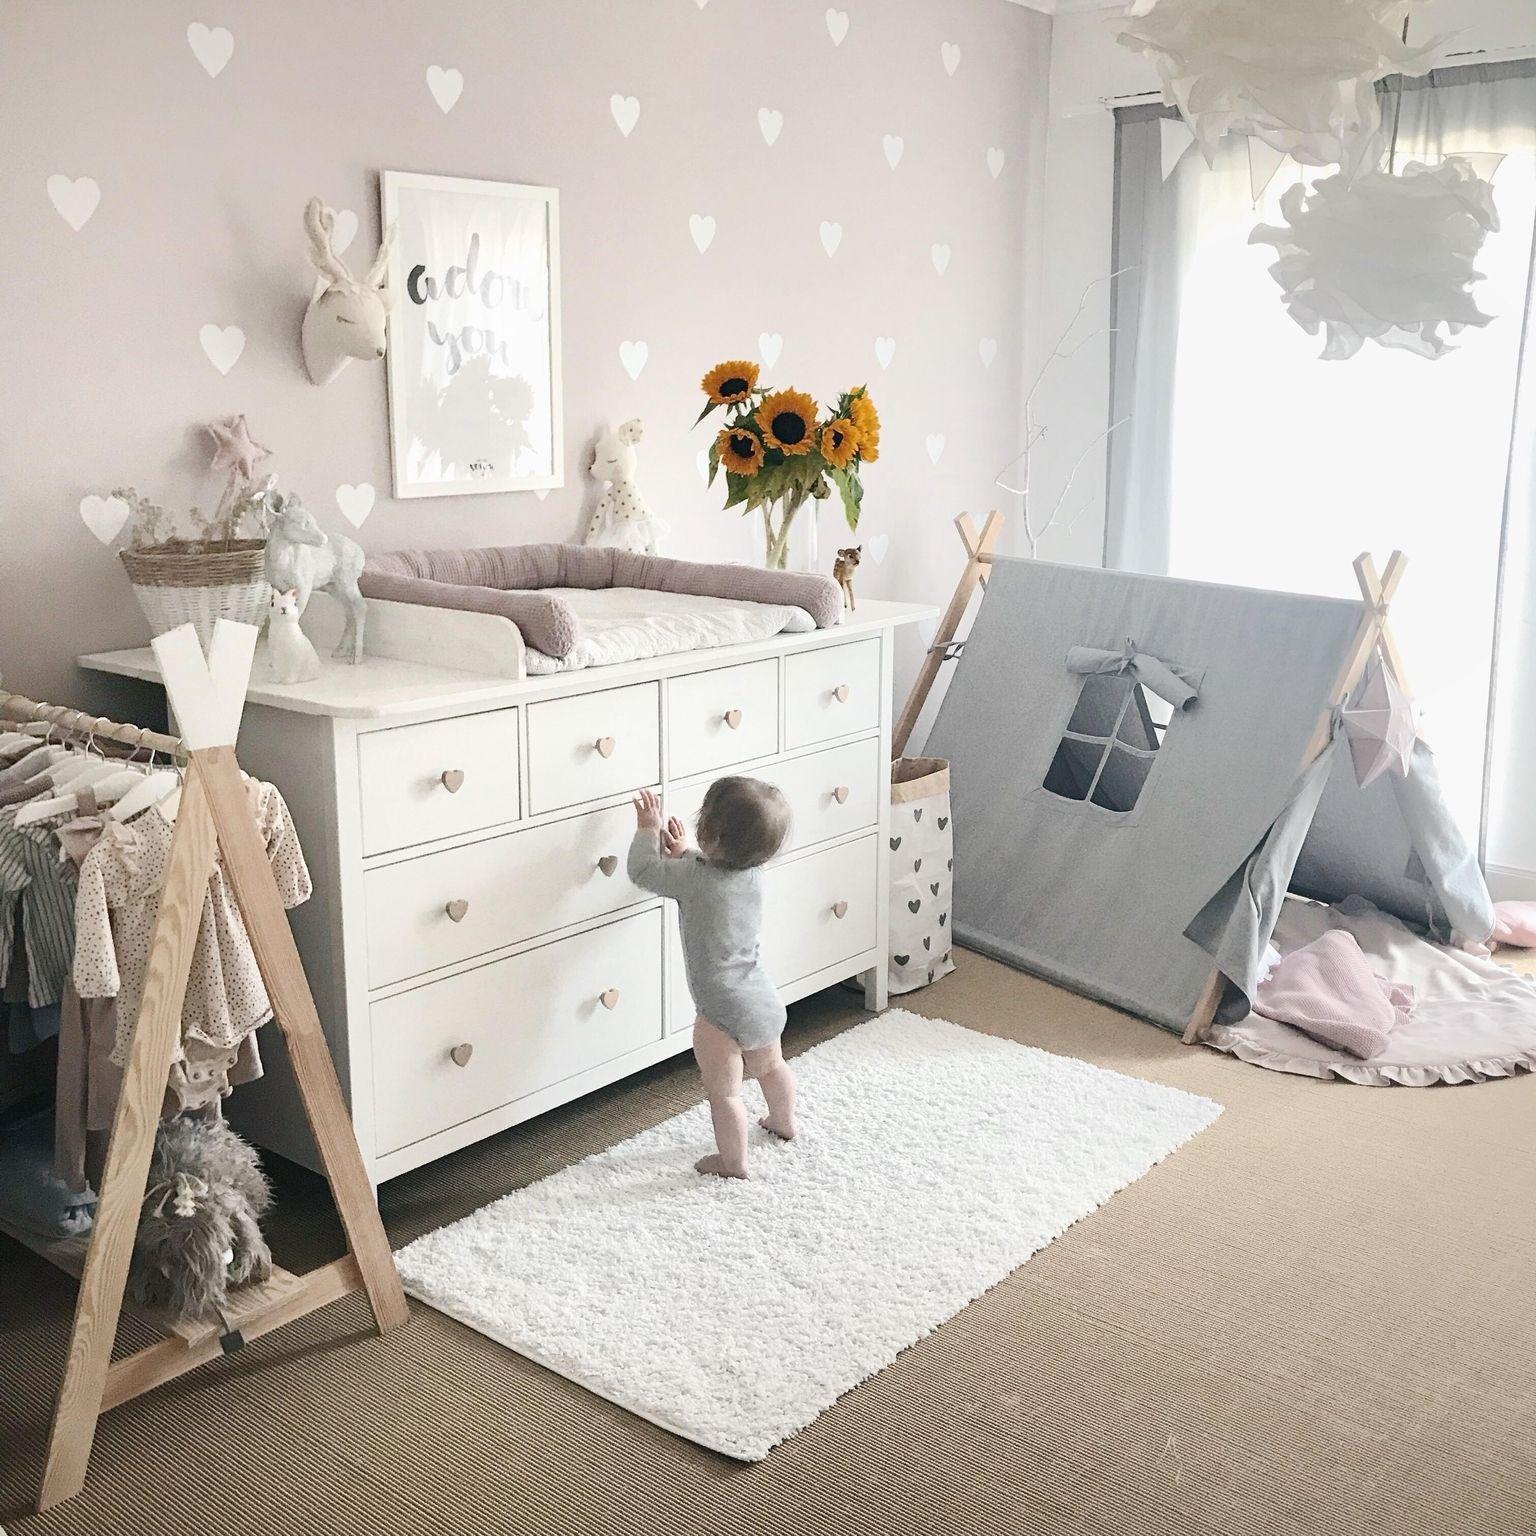 mein baby wird gro babyzimmer kinderzimmer wic. Black Bedroom Furniture Sets. Home Design Ideas